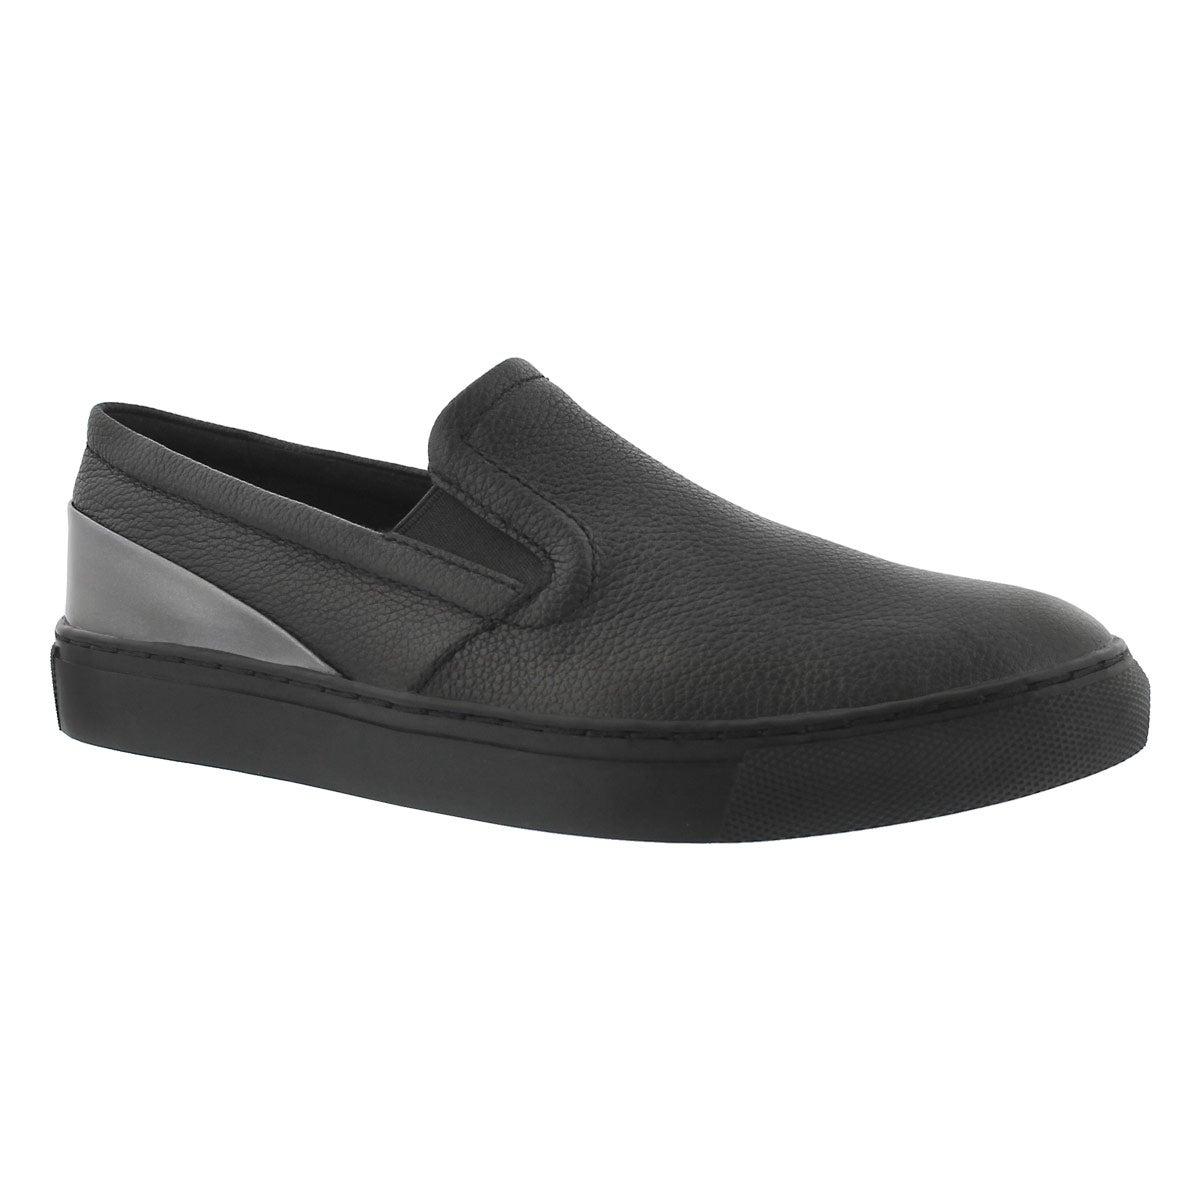 Women's FLIP black waterproof slip on shoes